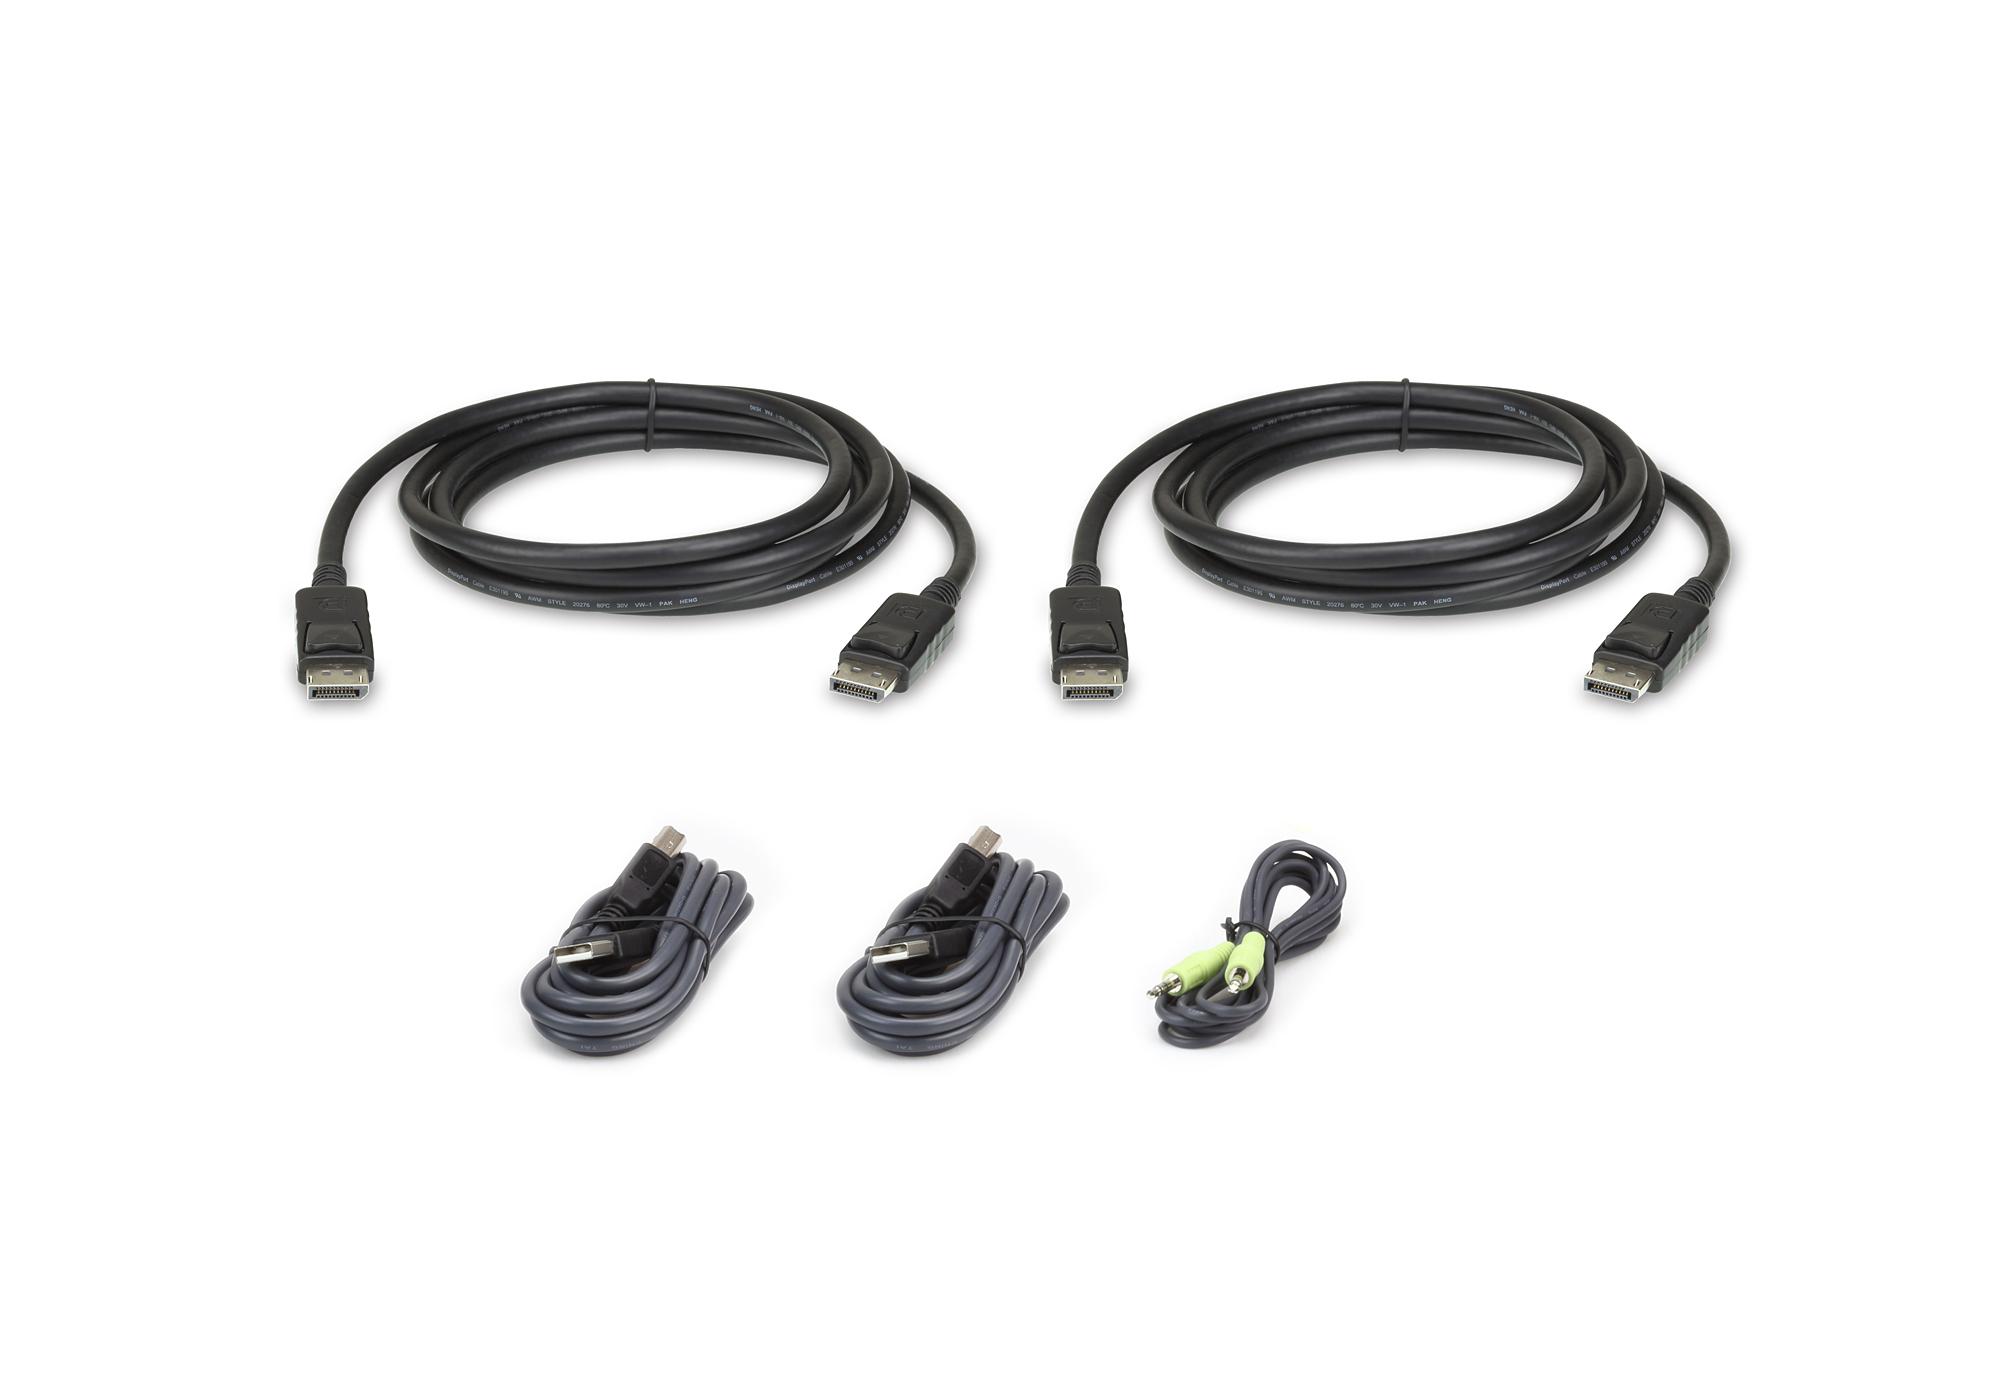 Aten 2L-7D02UDPX5 KVM cable 1.8 m Black